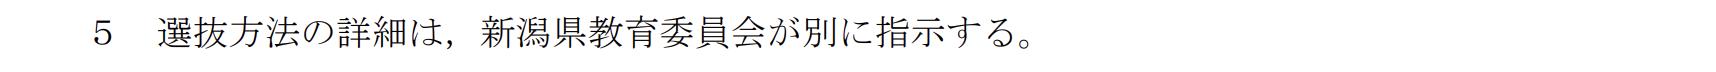 新潟県公立高校入試制度2